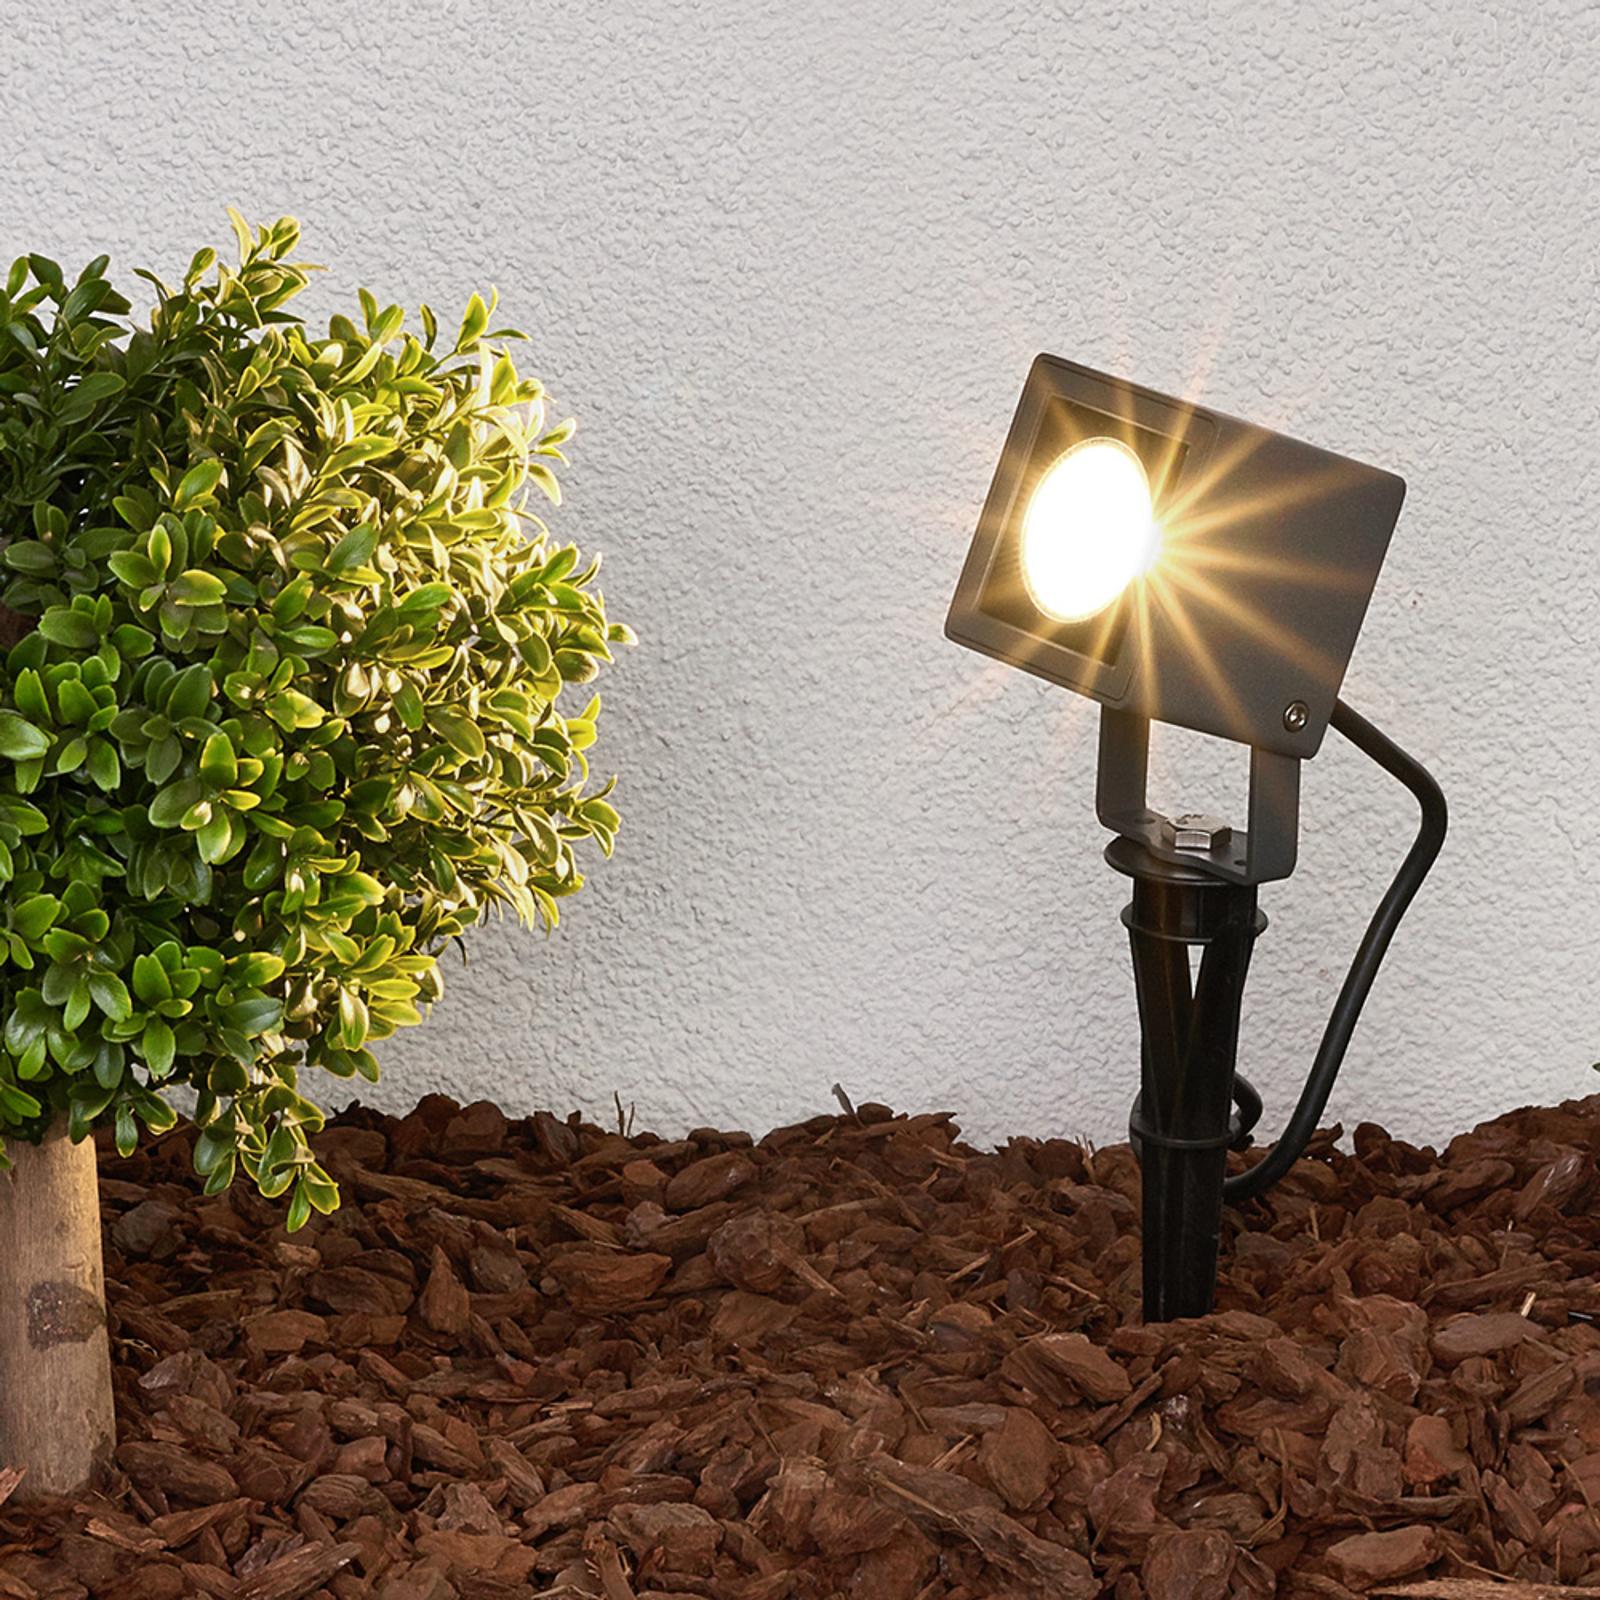 Luminaire sur piquet Jiada avec LED